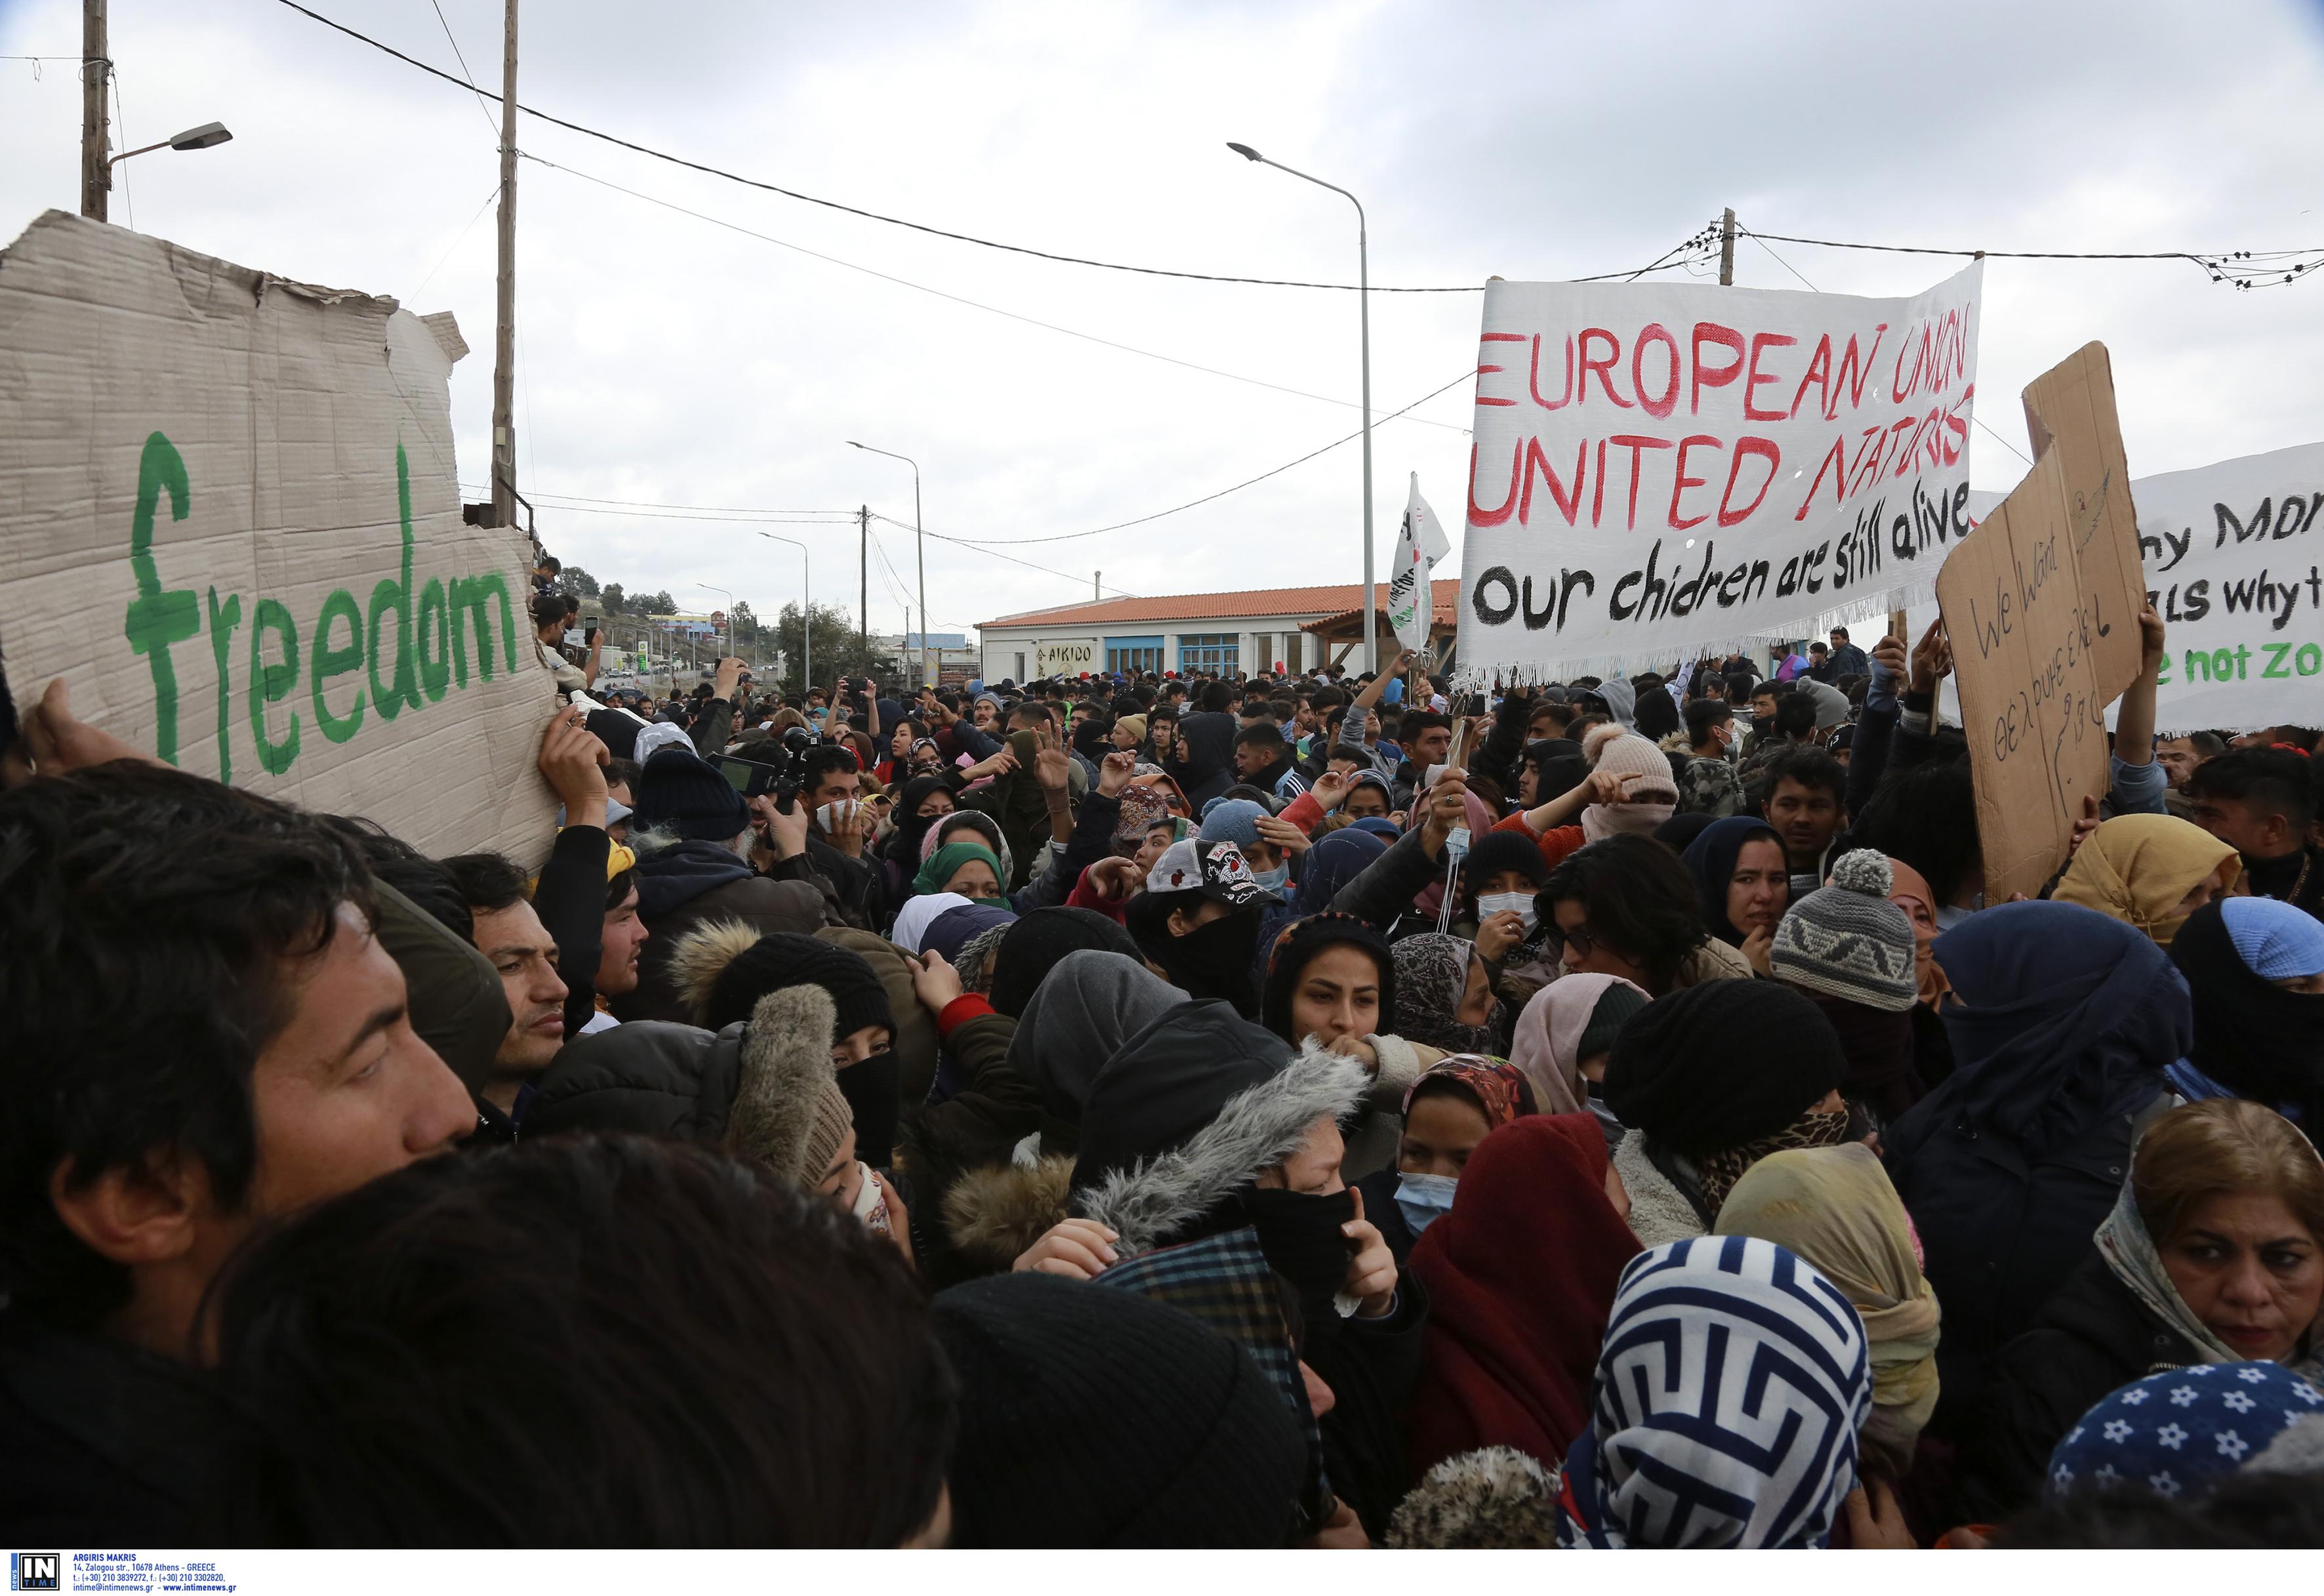 Λέσβος: Εκρηκτική η κατάσταση με νέα διαδήλωση μεταναστών στο λιμάνι! Επί ποδός η αστυνομία